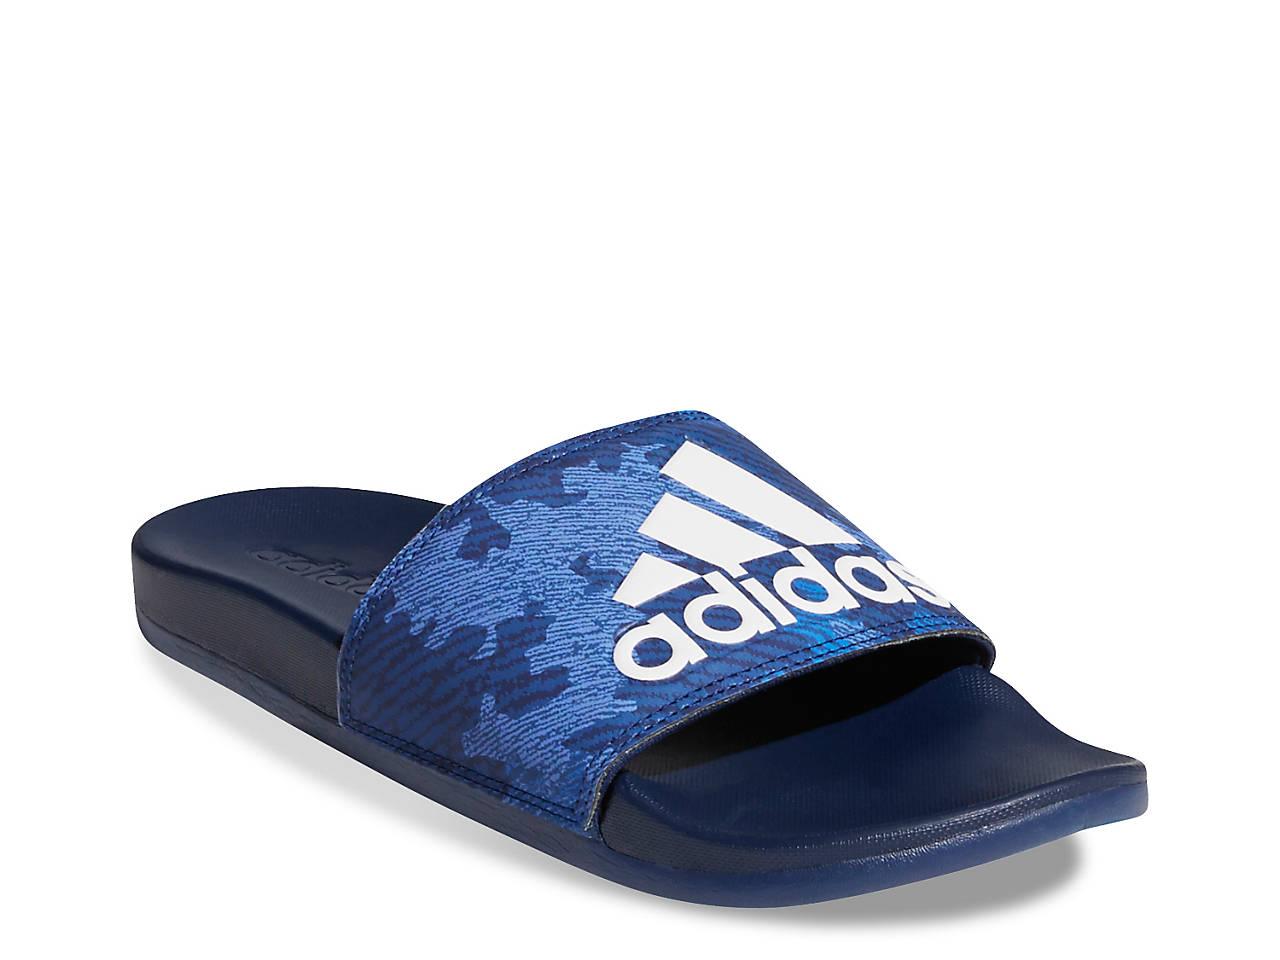 53d852b8df8a adidas Adilette Comfort Slide Sandal - Men s Men s Shoes